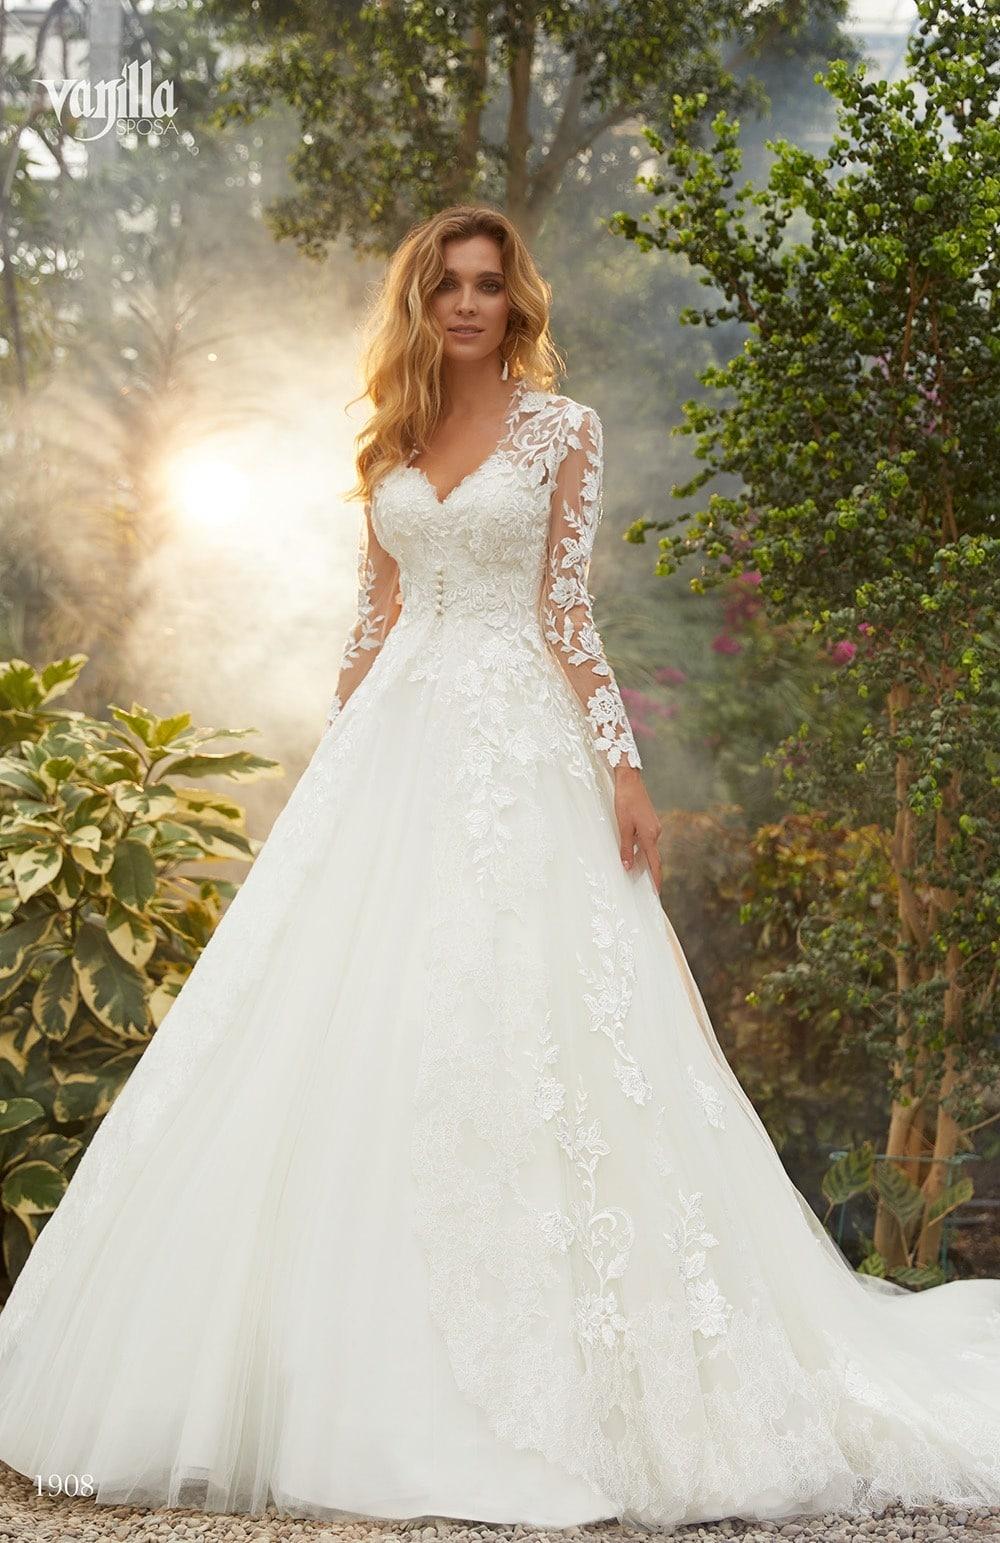 Robe de mariée Modèle Verona